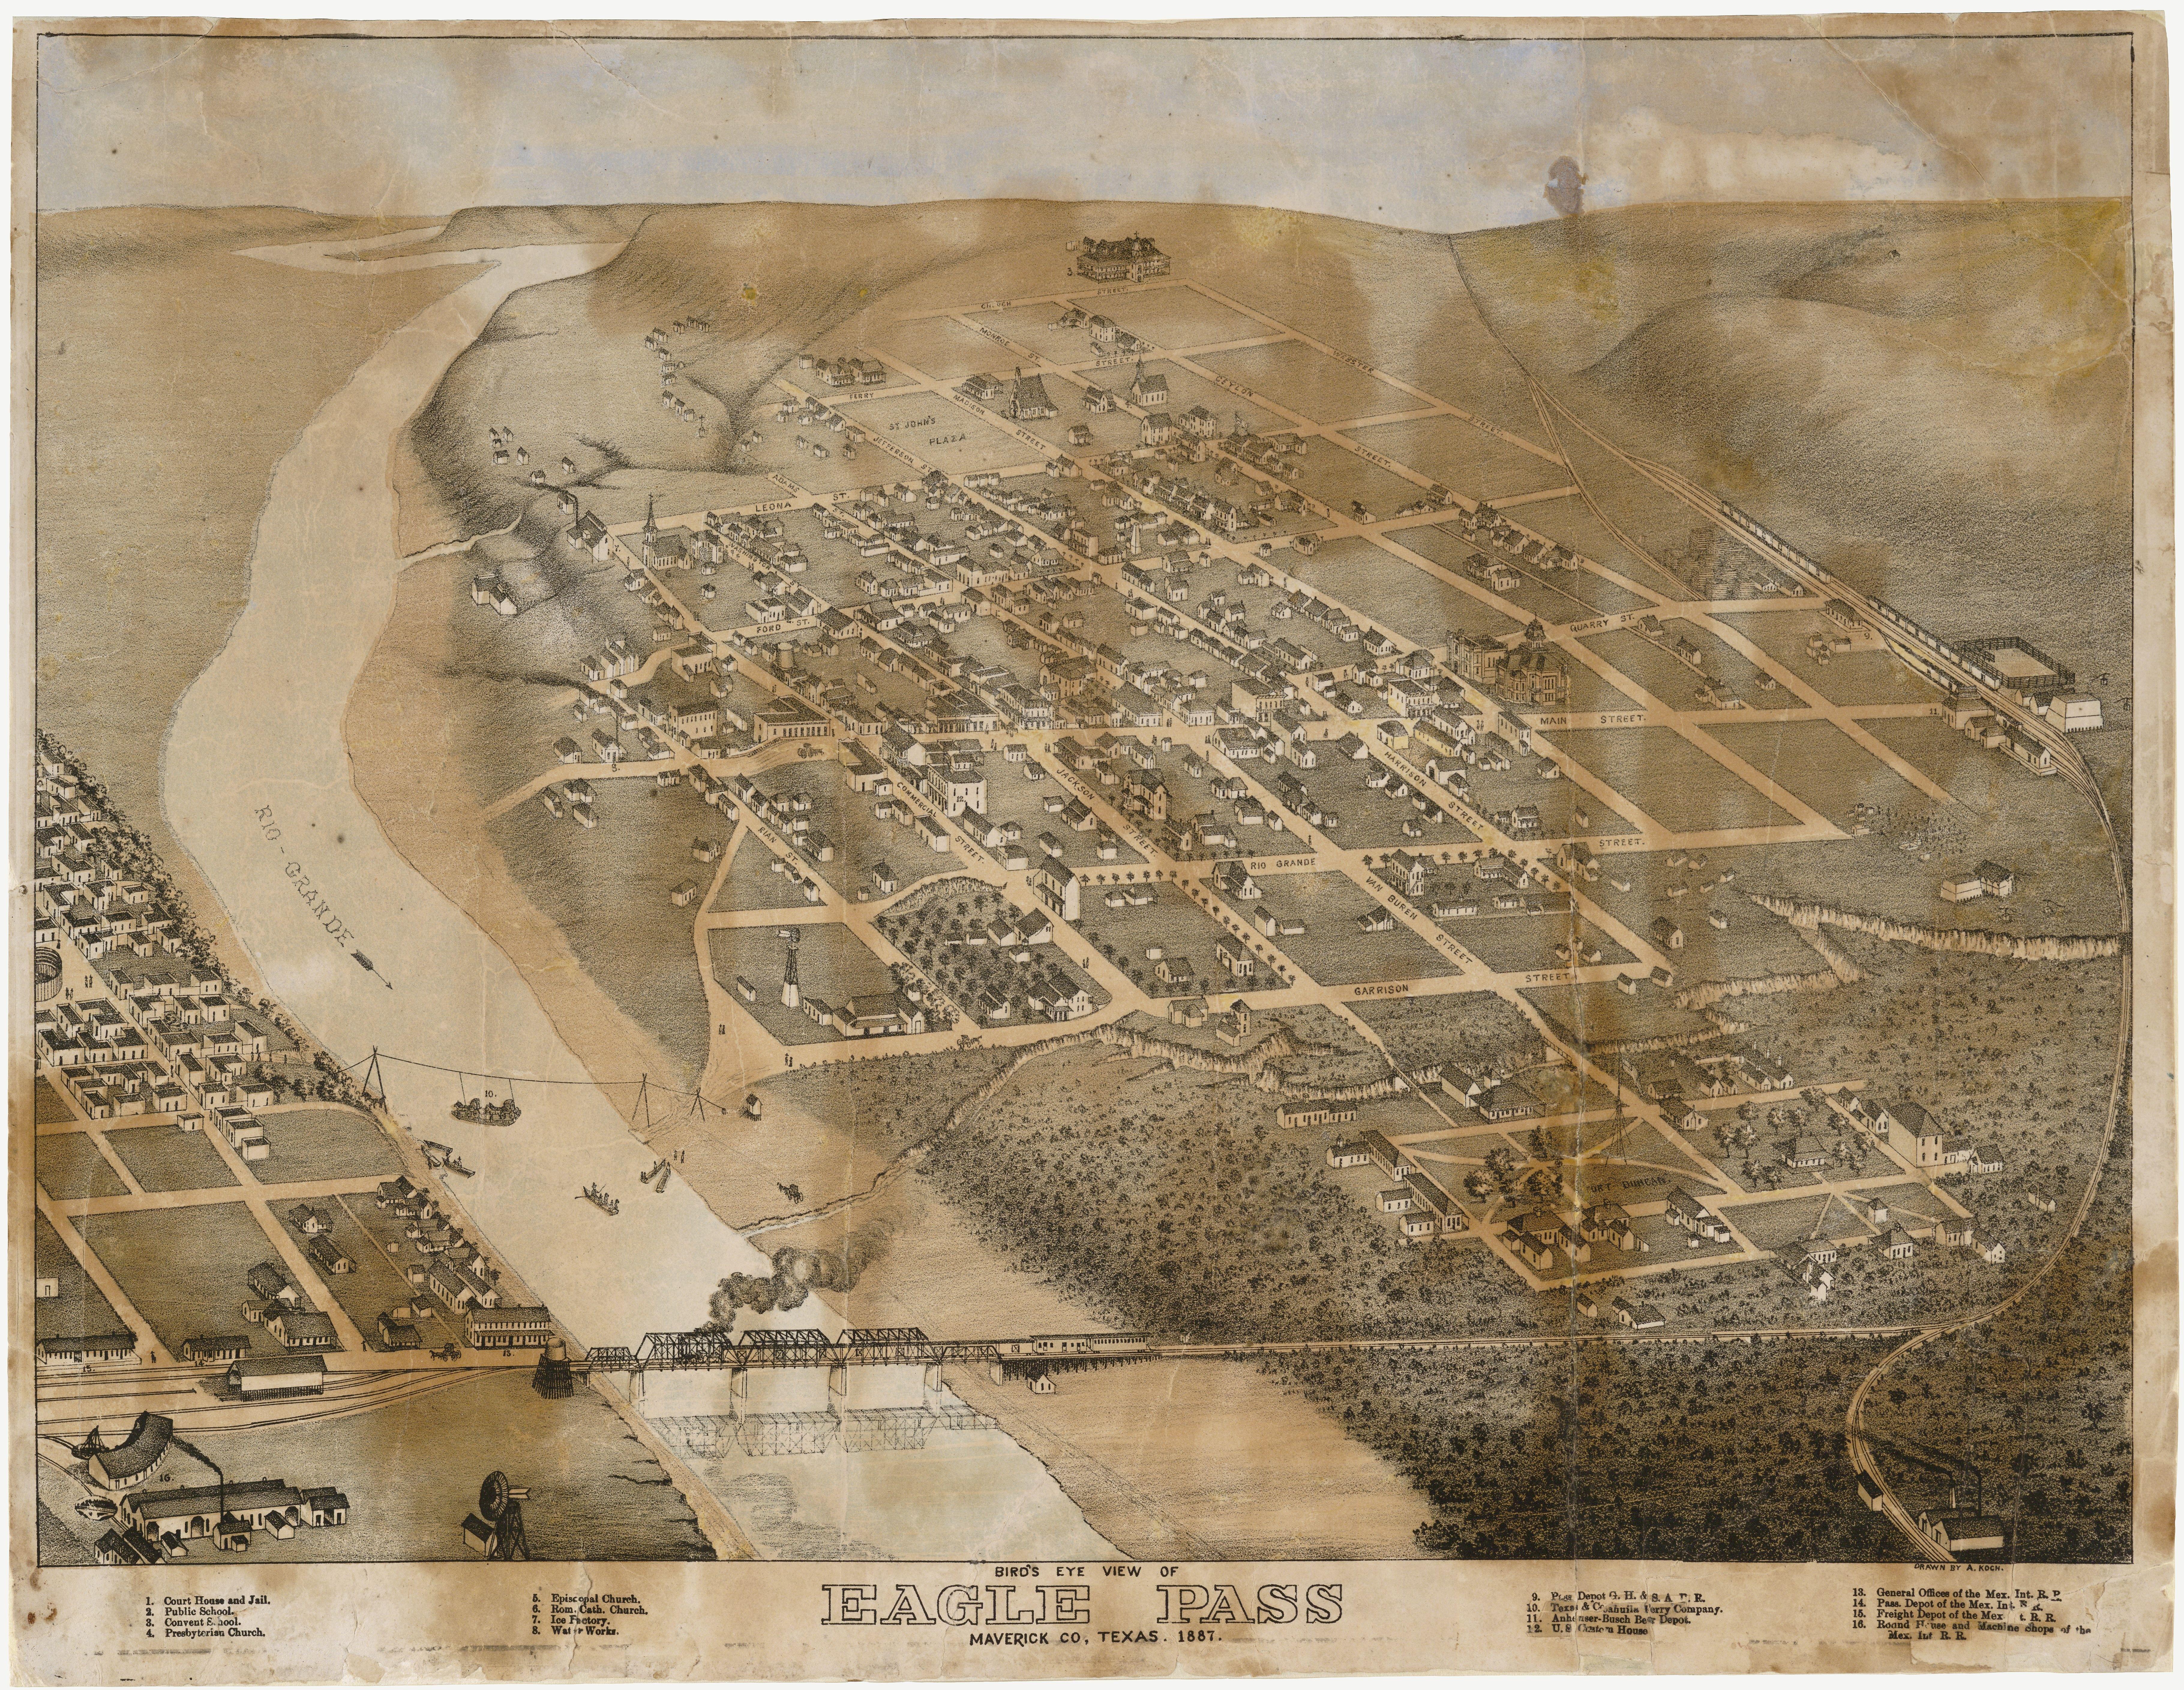 FileOld mapEagle Pass1887jpg Wikimedia Commons